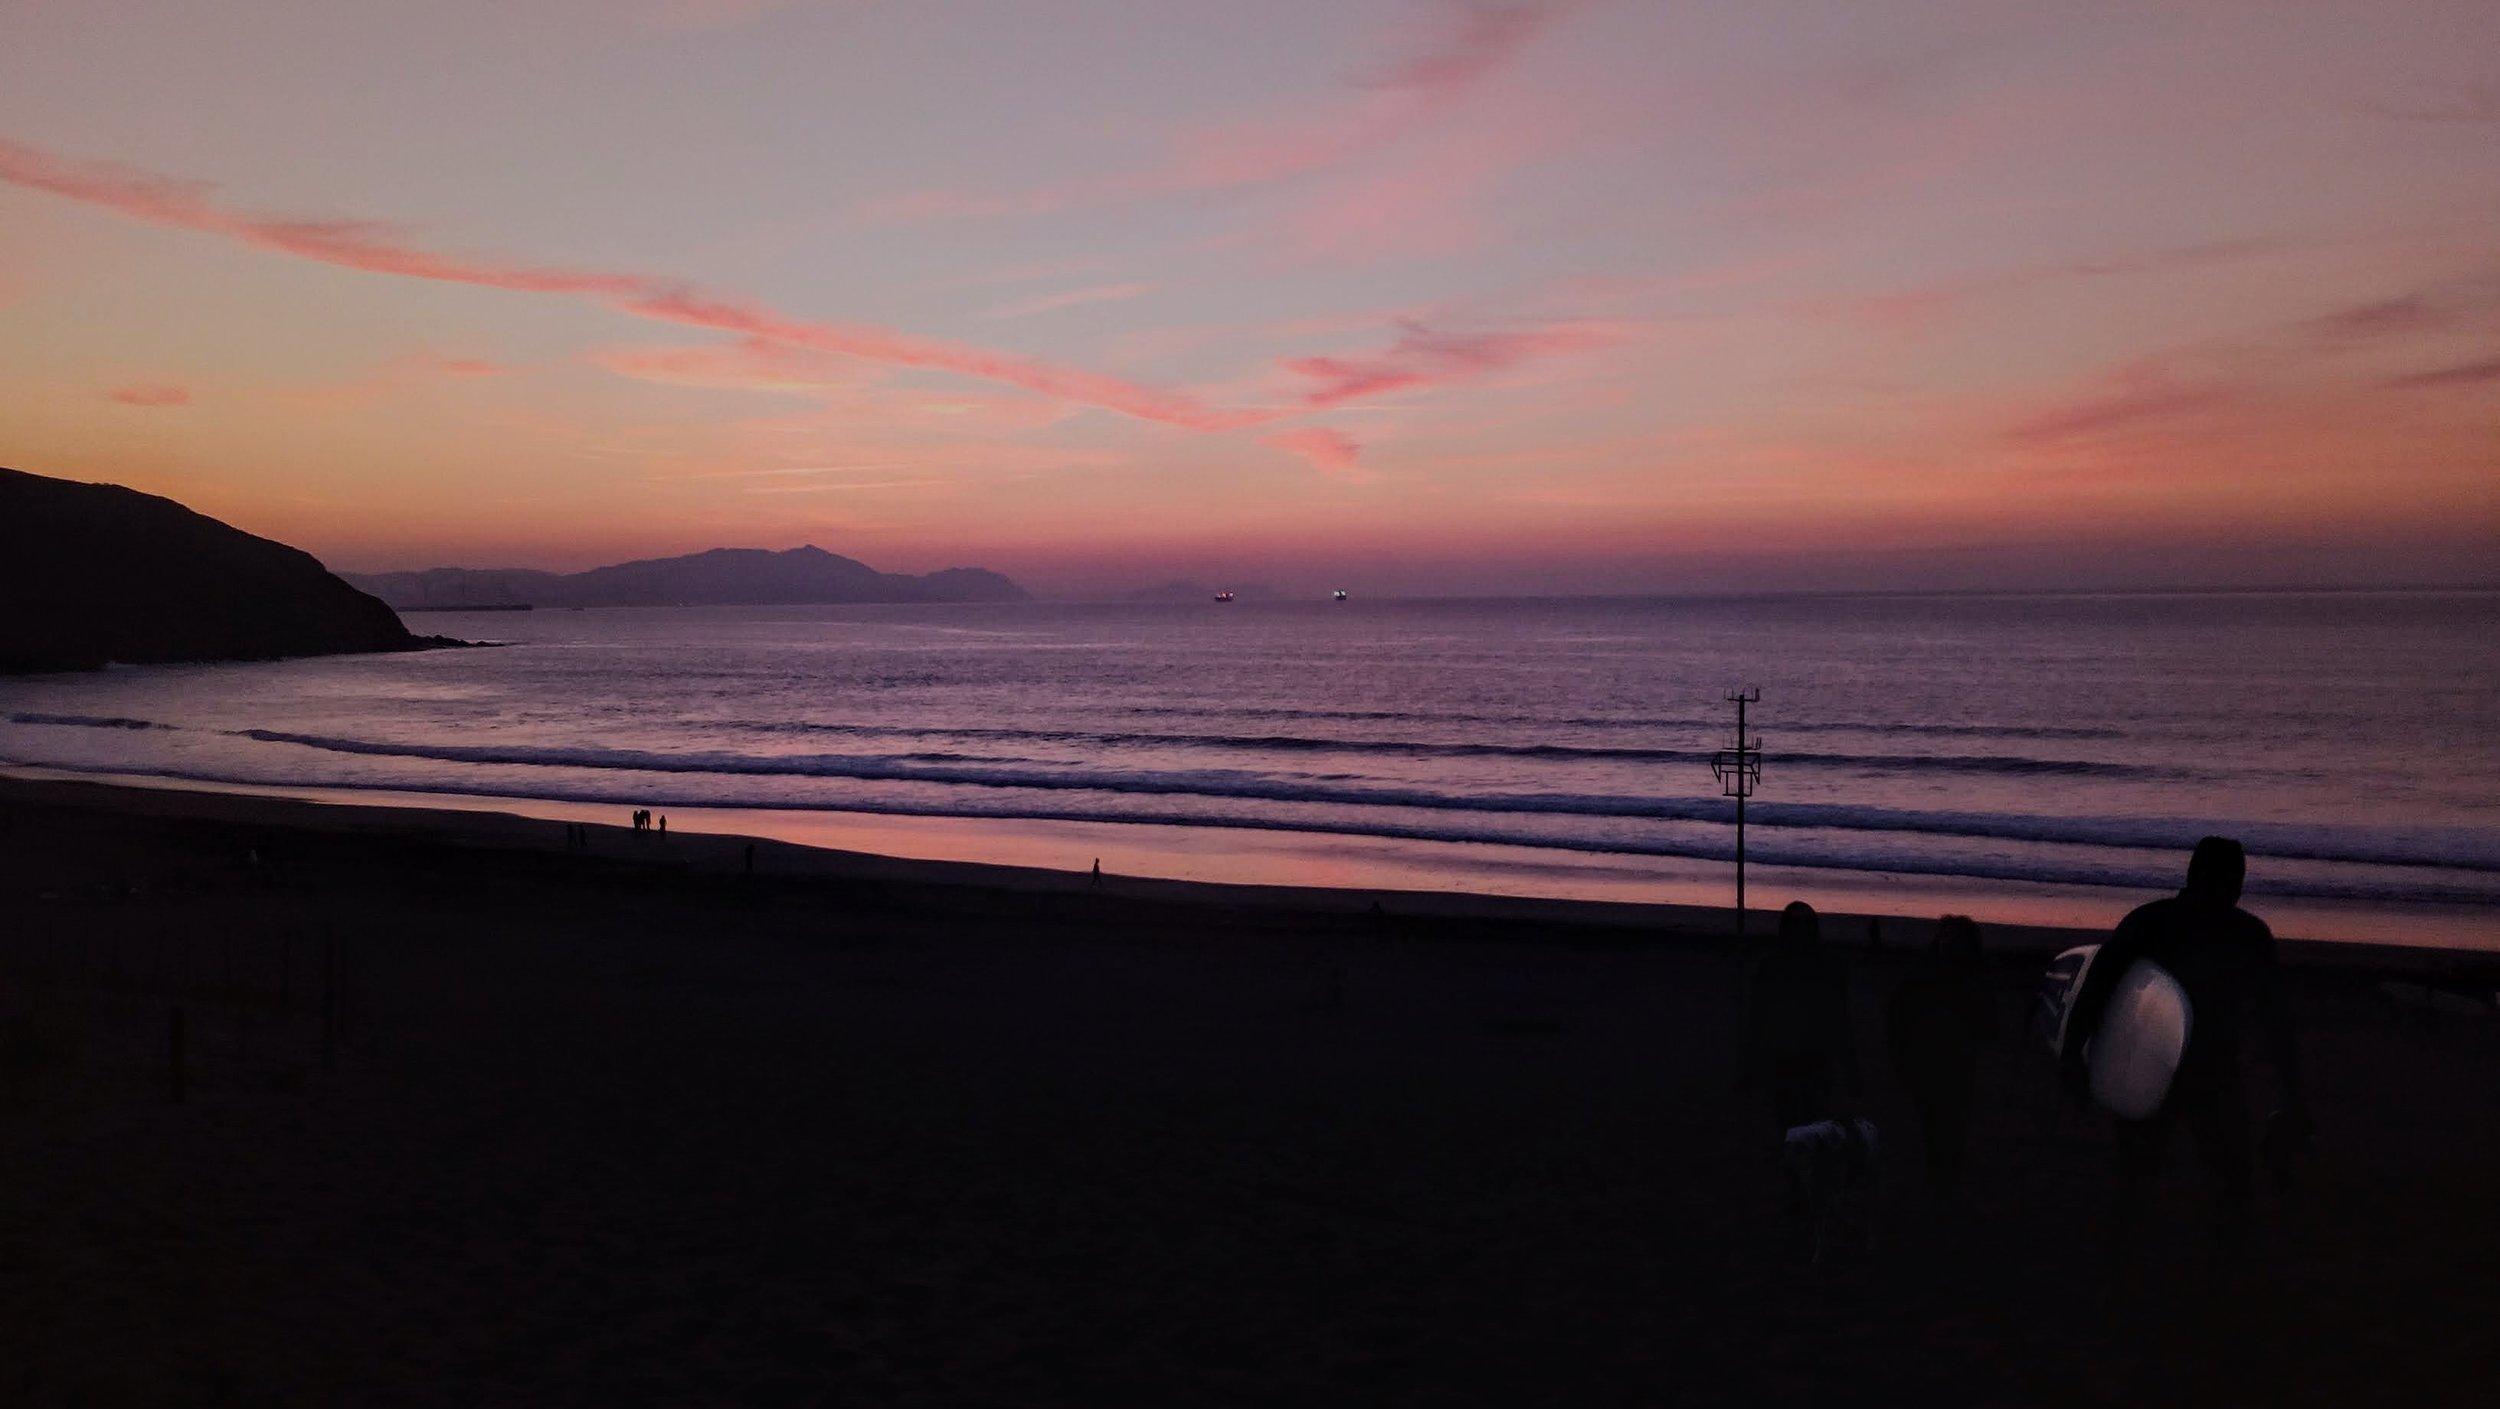 Sunset at Playa de savaje Sopelana